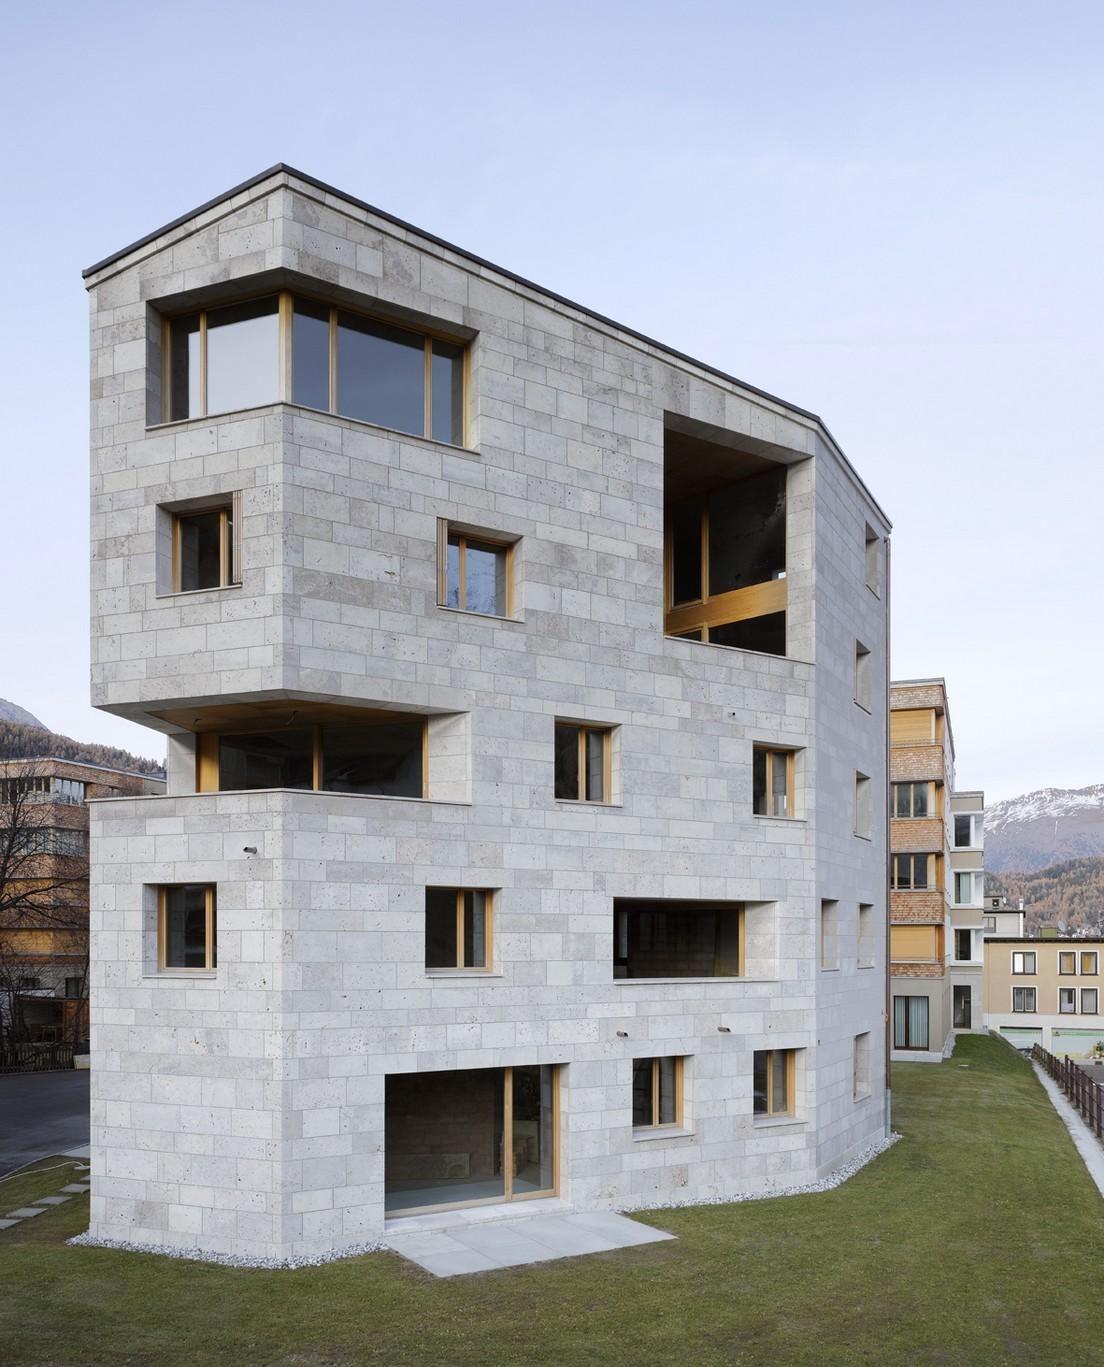 Moderne wohnarchitektur pablo horváth  chavalus haus d  arq  pinterest  projekte und haus